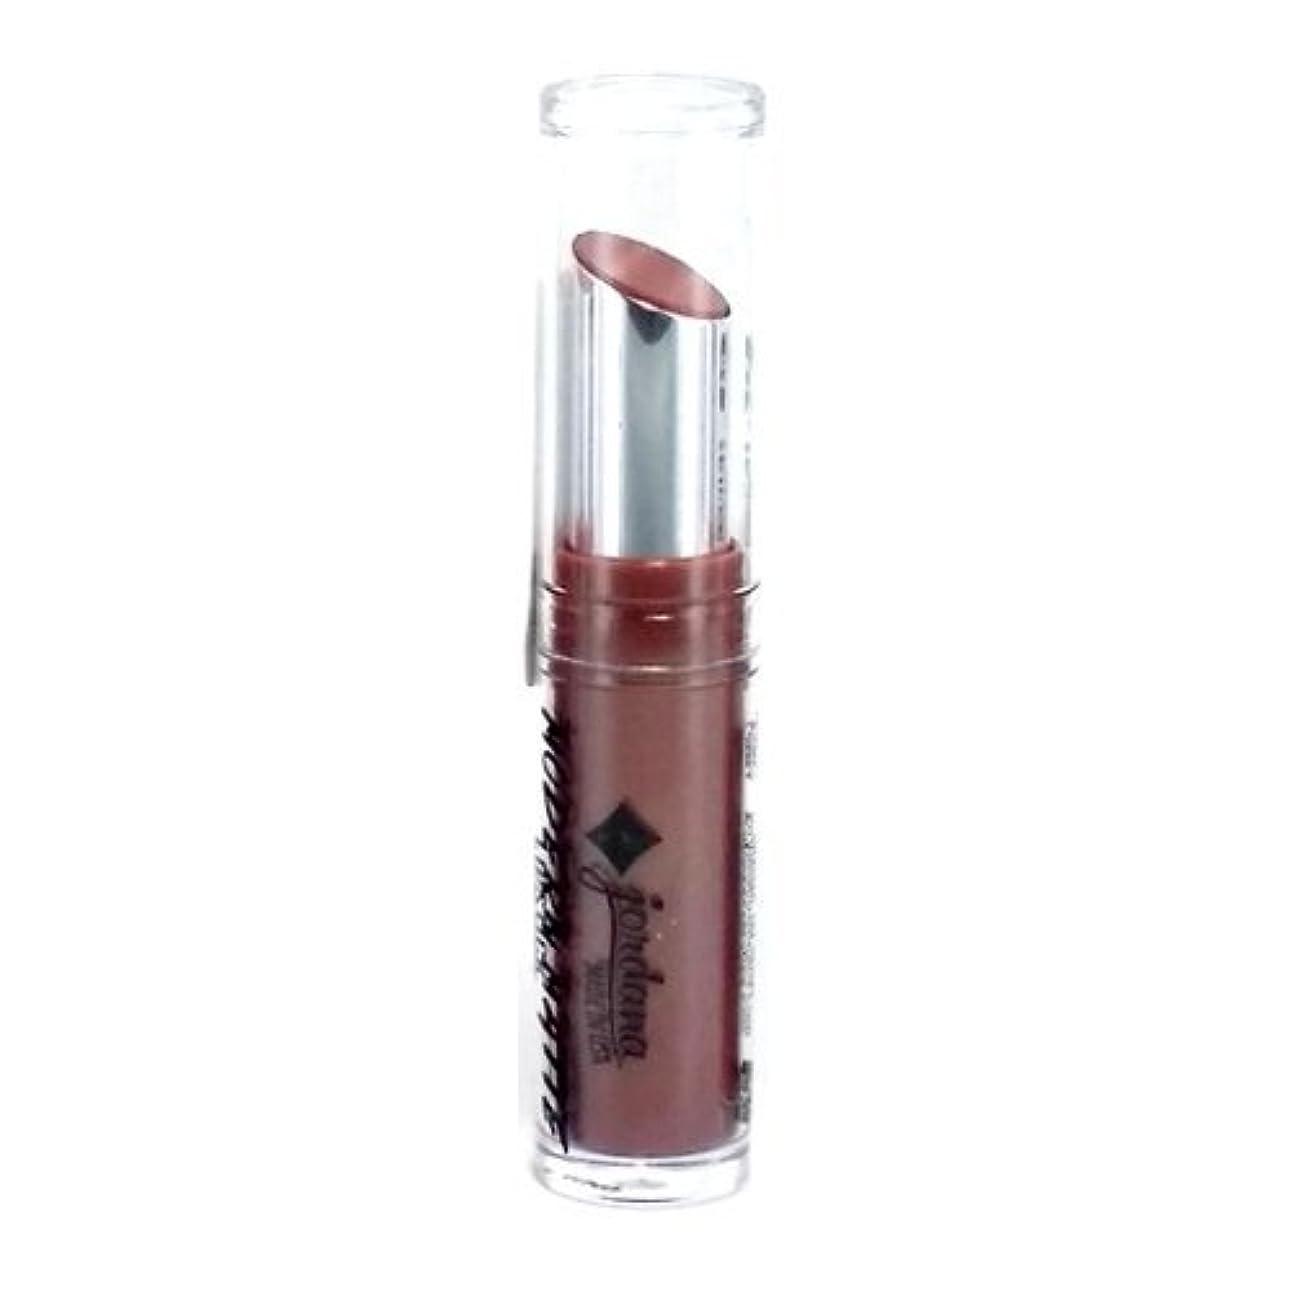 ビルダーエステートパスJORDANA Modern Matte Lipstick Matte Frappuccino (並行輸入品)